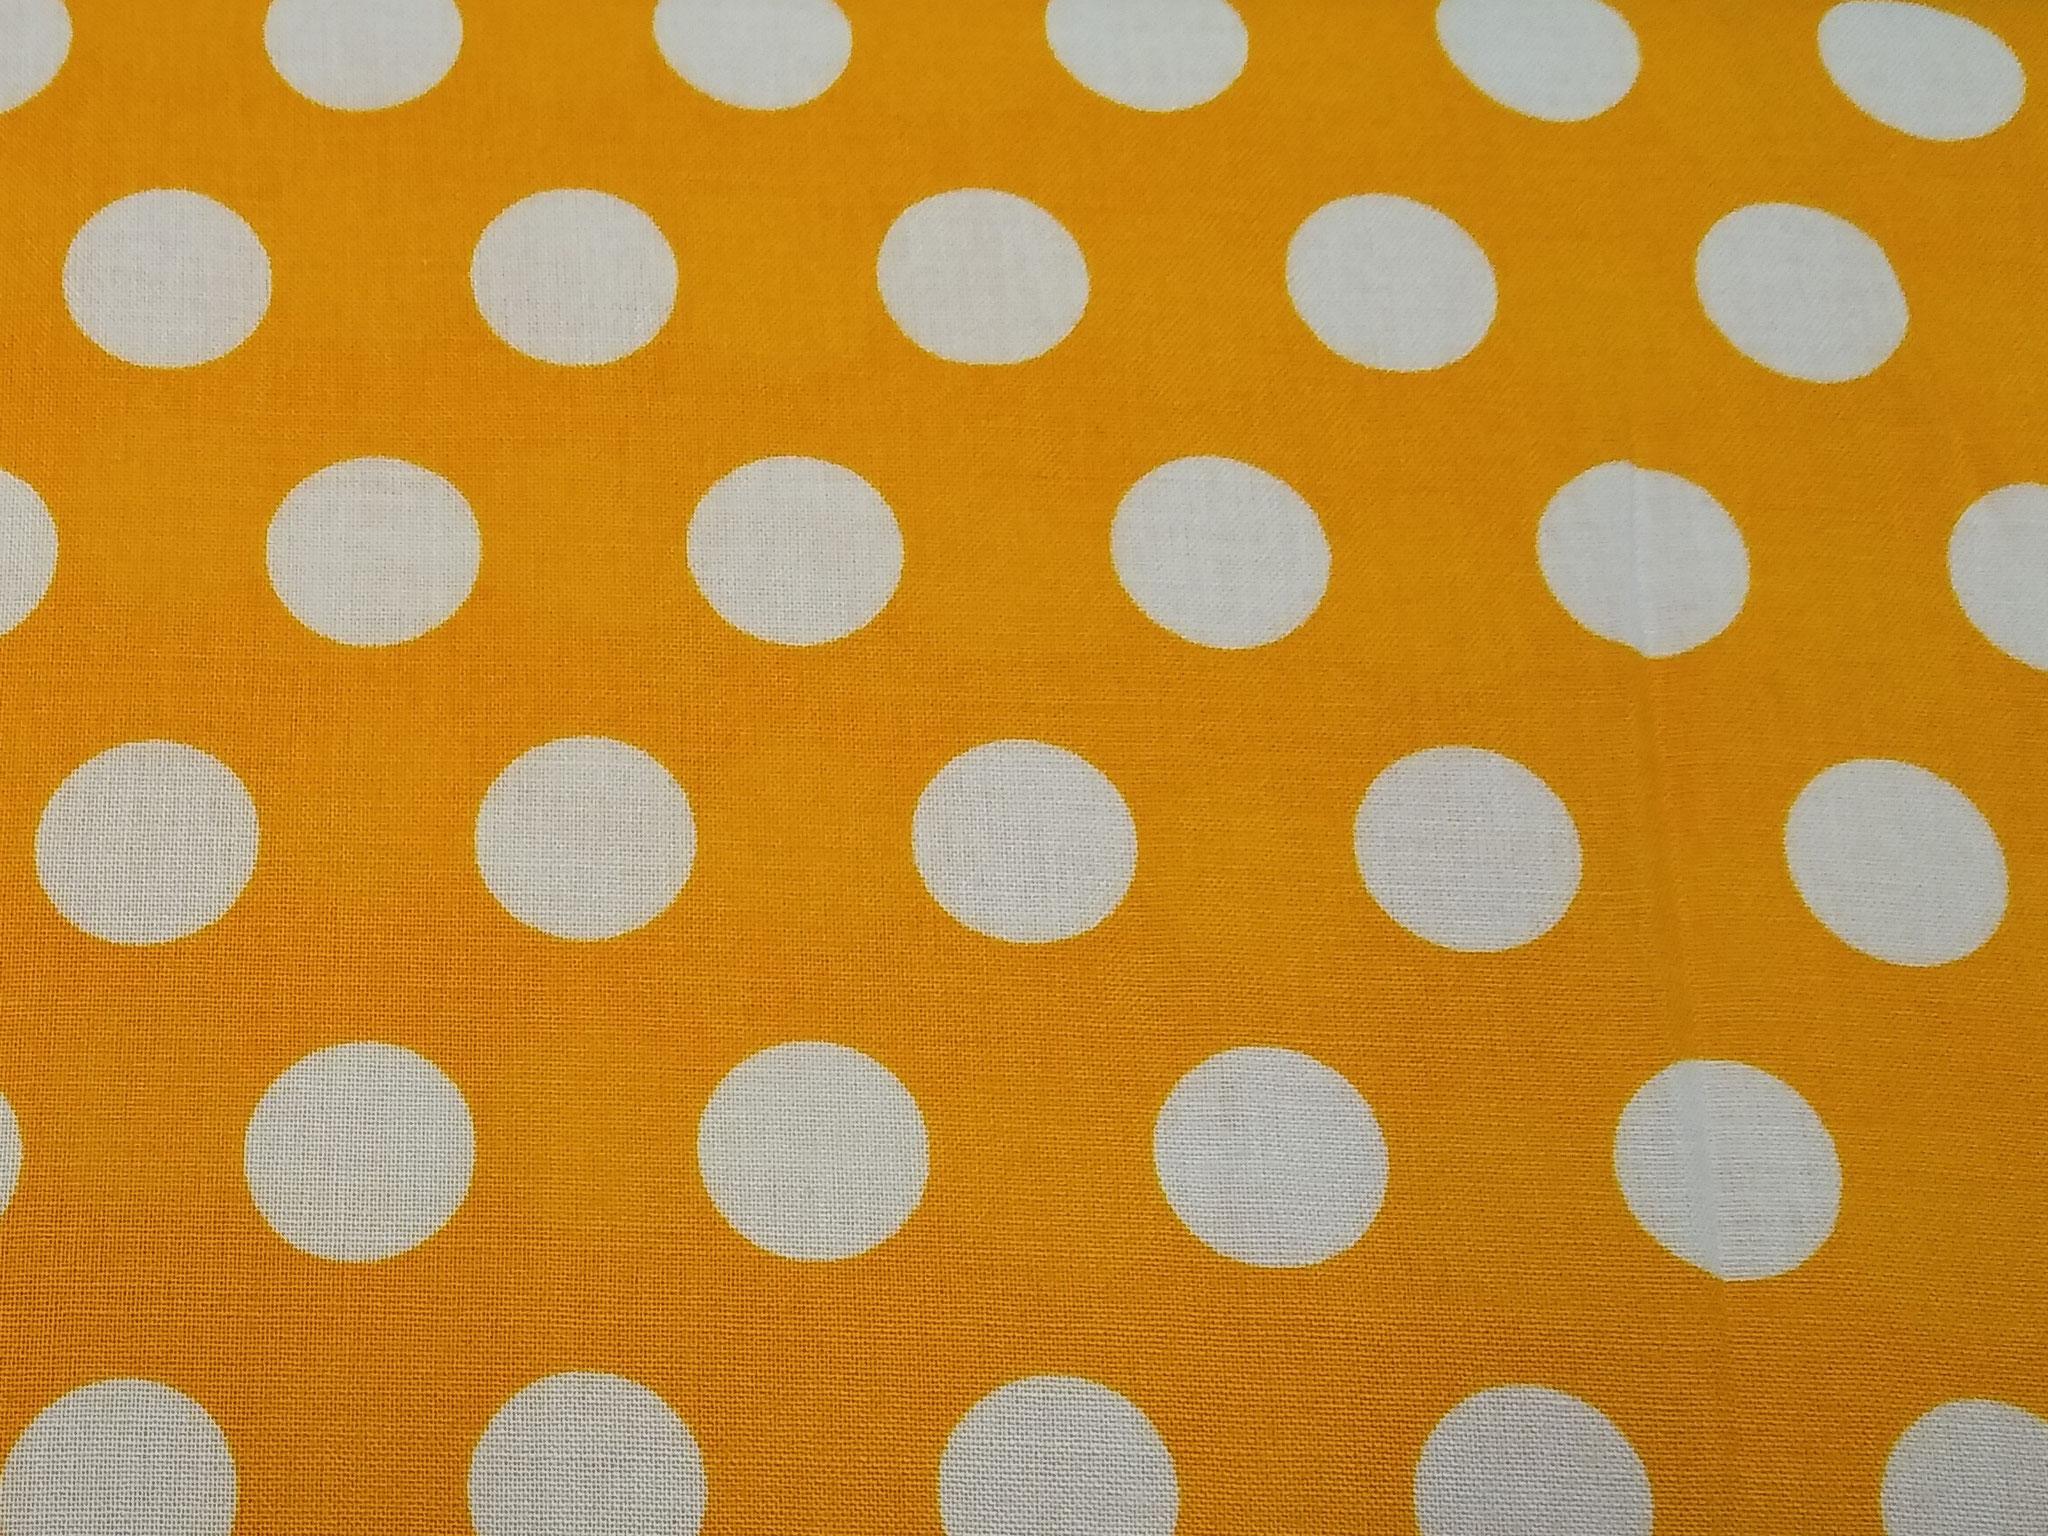 Viskose Webware weiße Tupfen auf gelb, 140cm breit, 0.5m 6.50€